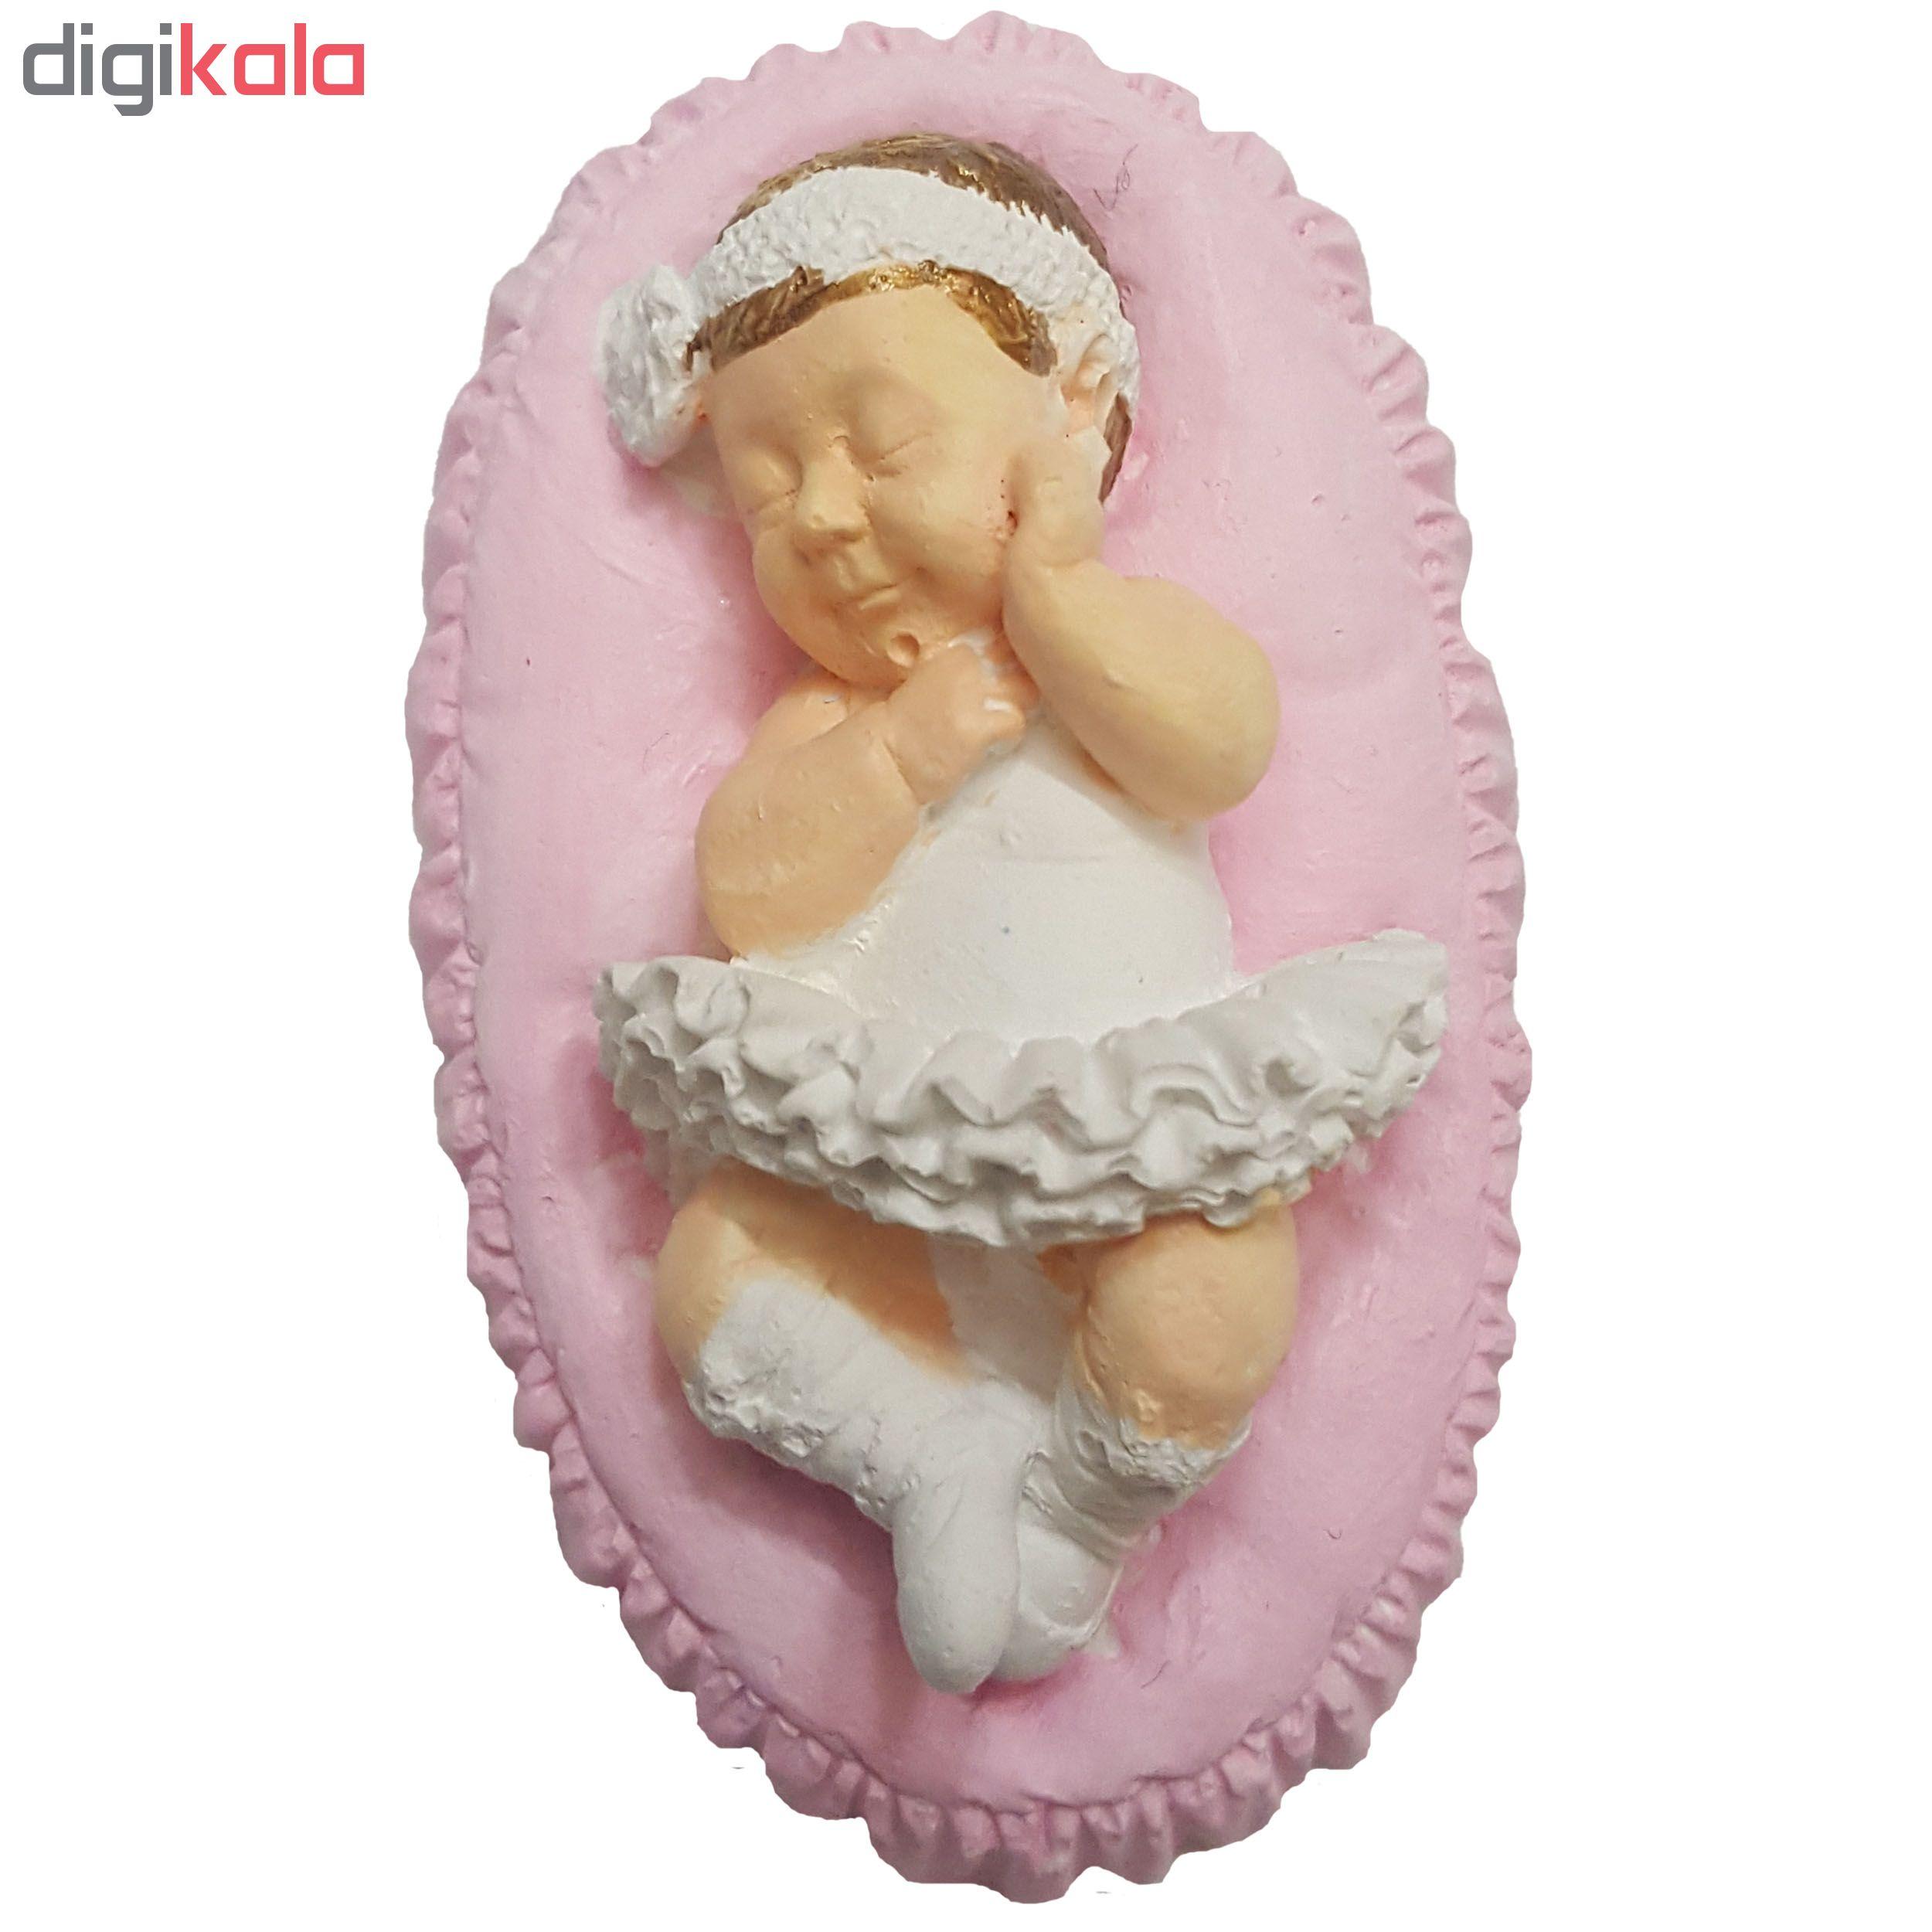 گیفت تولد طرح نوزاد دختر کدM607 بسته 5 عددی